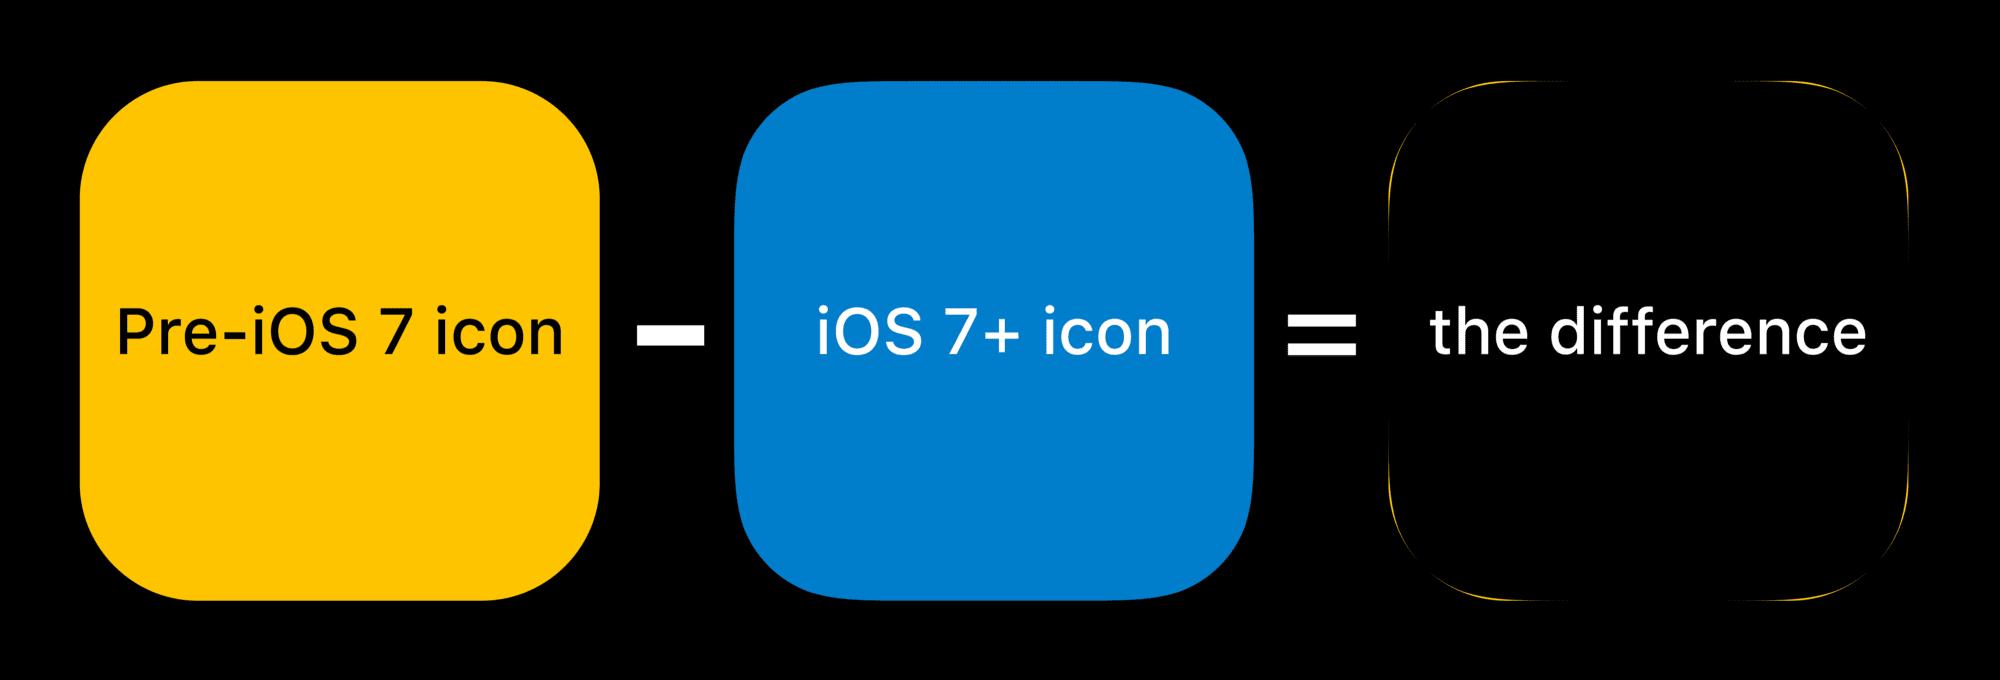 ios icons shape - Ako tvar ikoniek v iOS súvisí s industriálnym dizajnom produktov